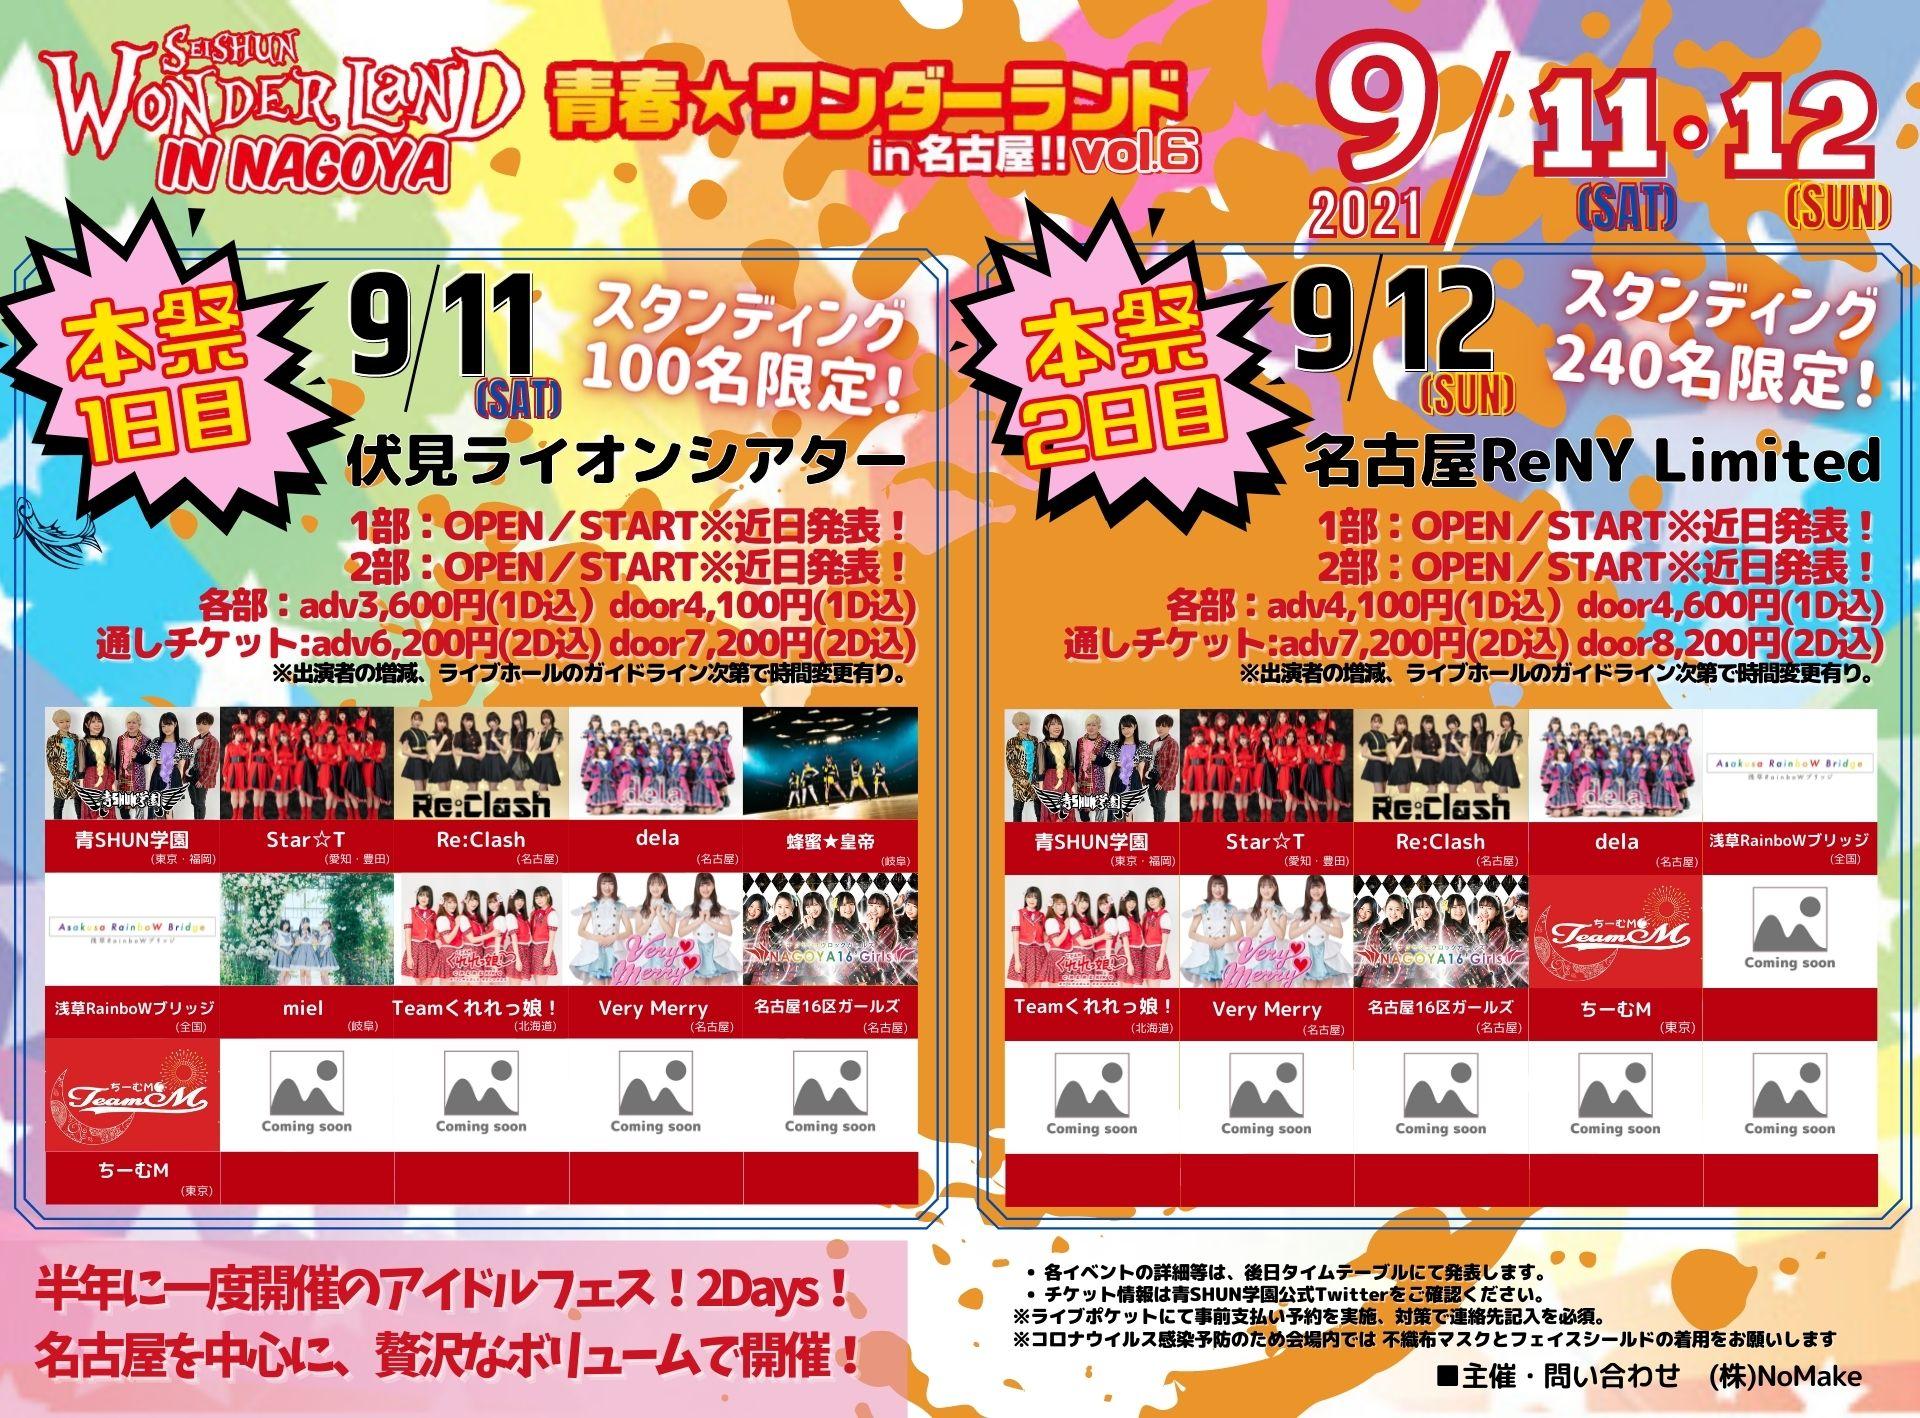 9/11(土)【2部のみ】「青春☆ワンダーランド in 名古屋vol,6」